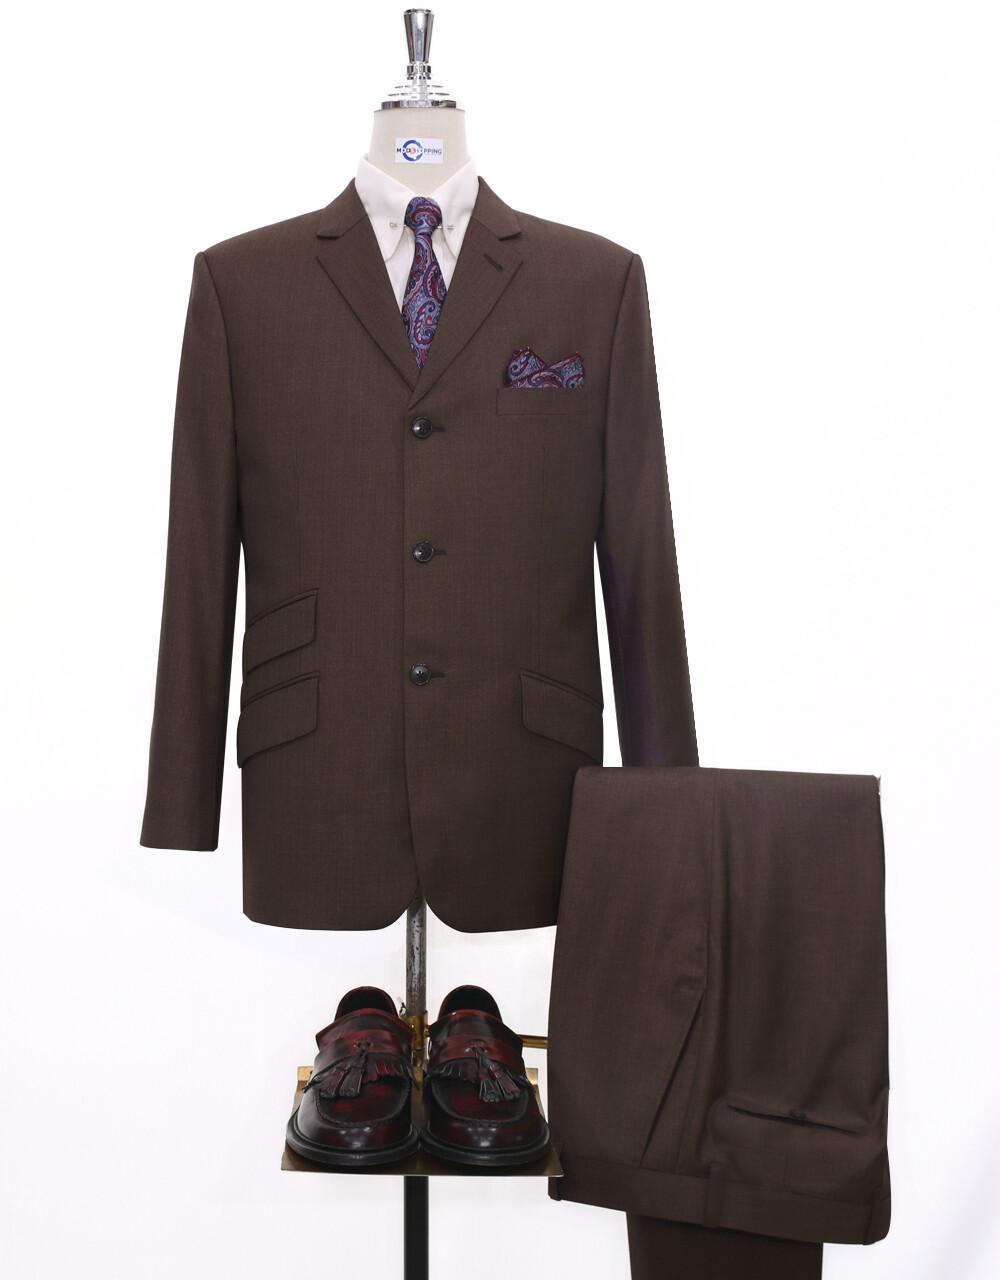 mod suit | tailored 60s fashion 3 button brown suit